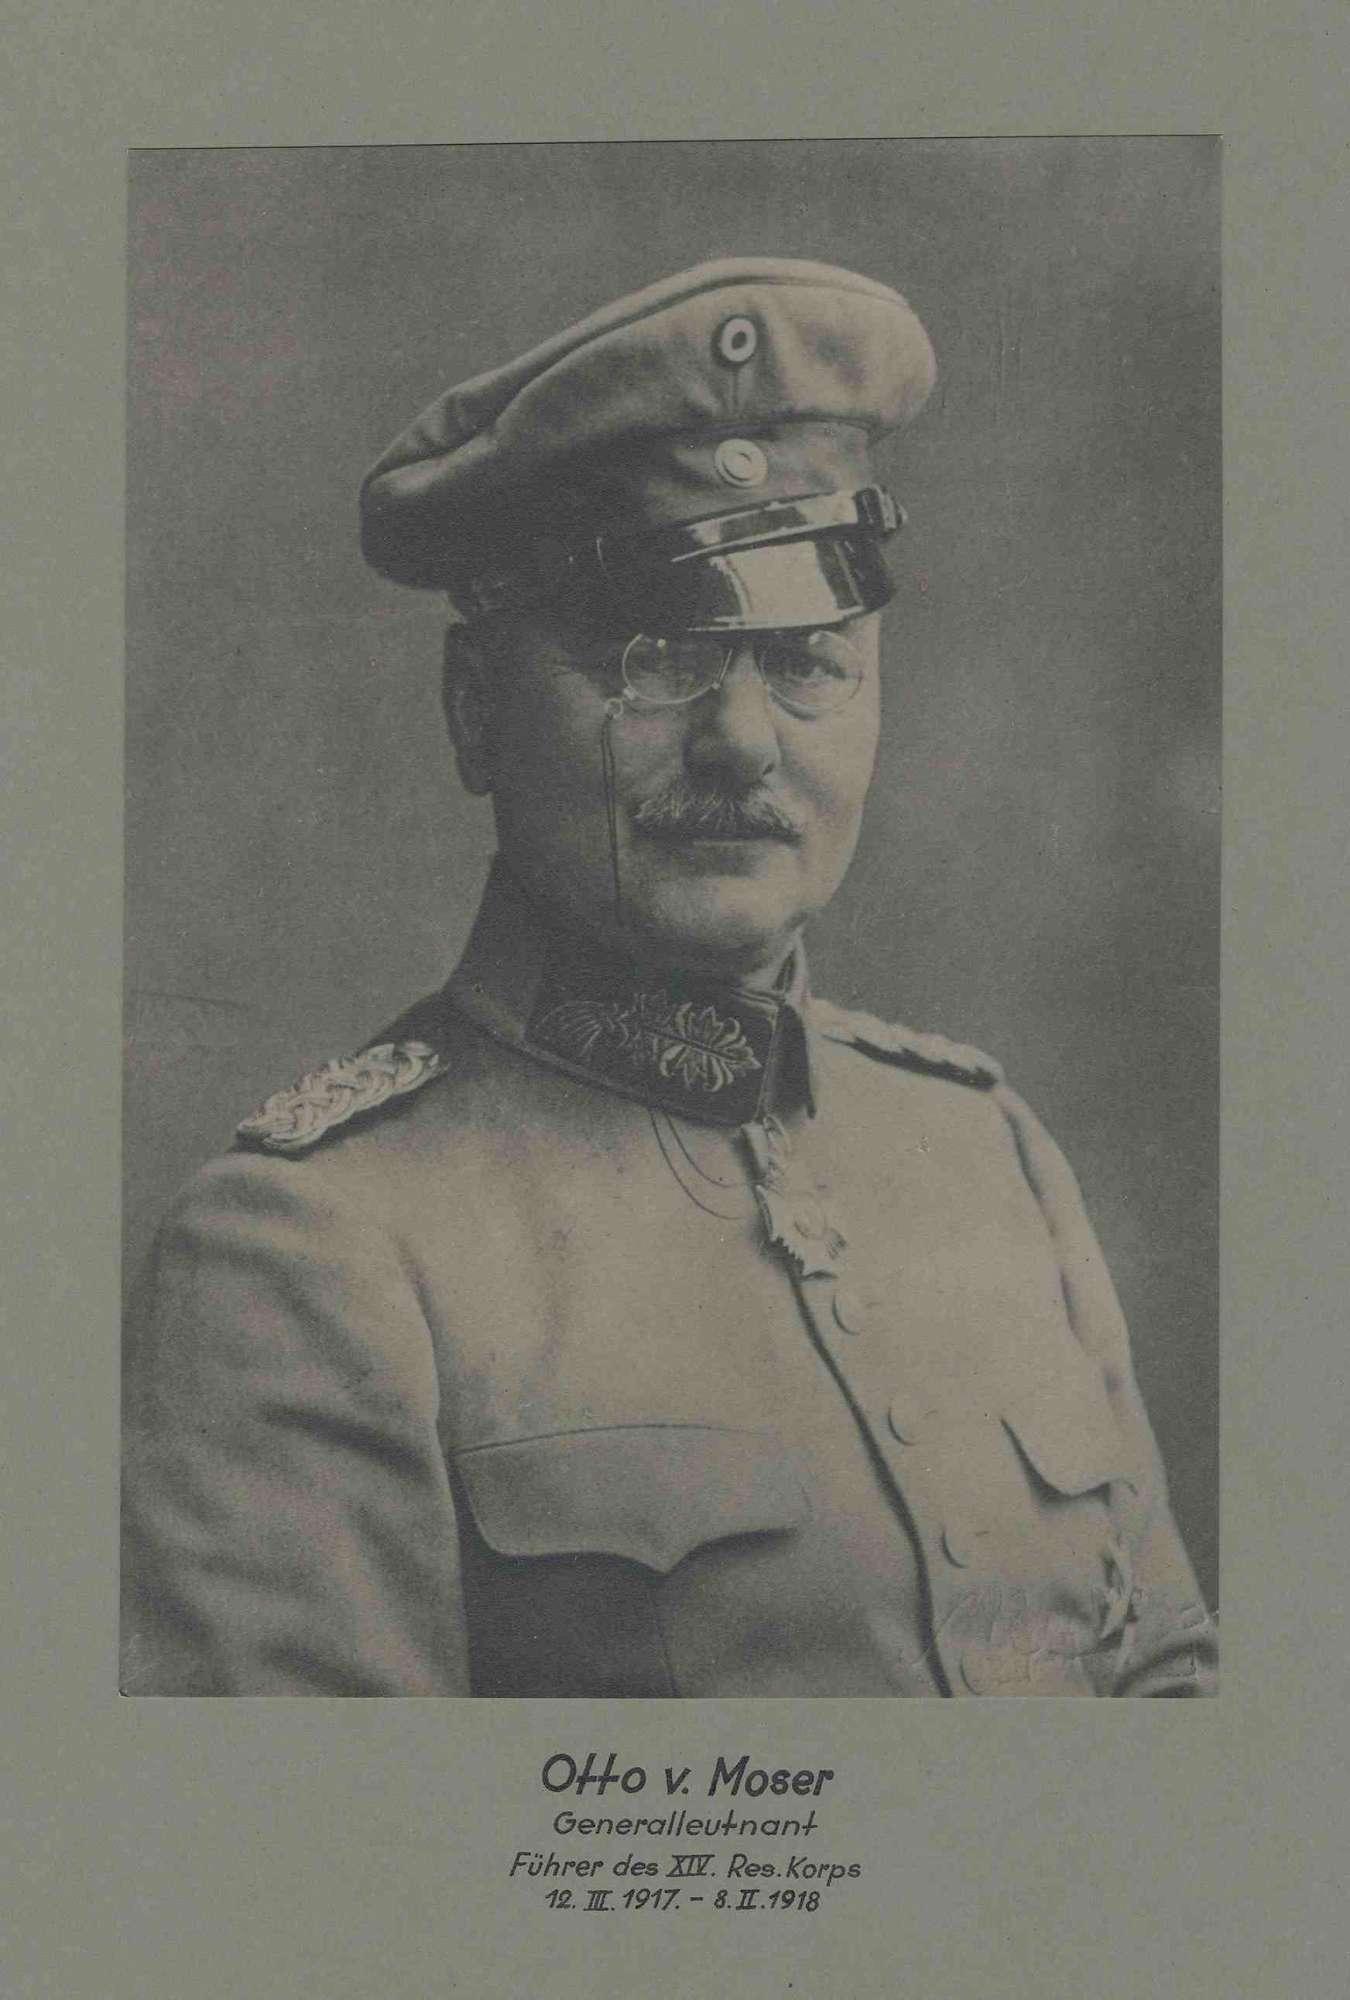 Otto von Moser, Generalleutnant, Kommandeur des XIV. Res. Korps von 1917-1918 in Uniform, Mütze mit Orden, Brustbild in Halbprofil, Bild 1